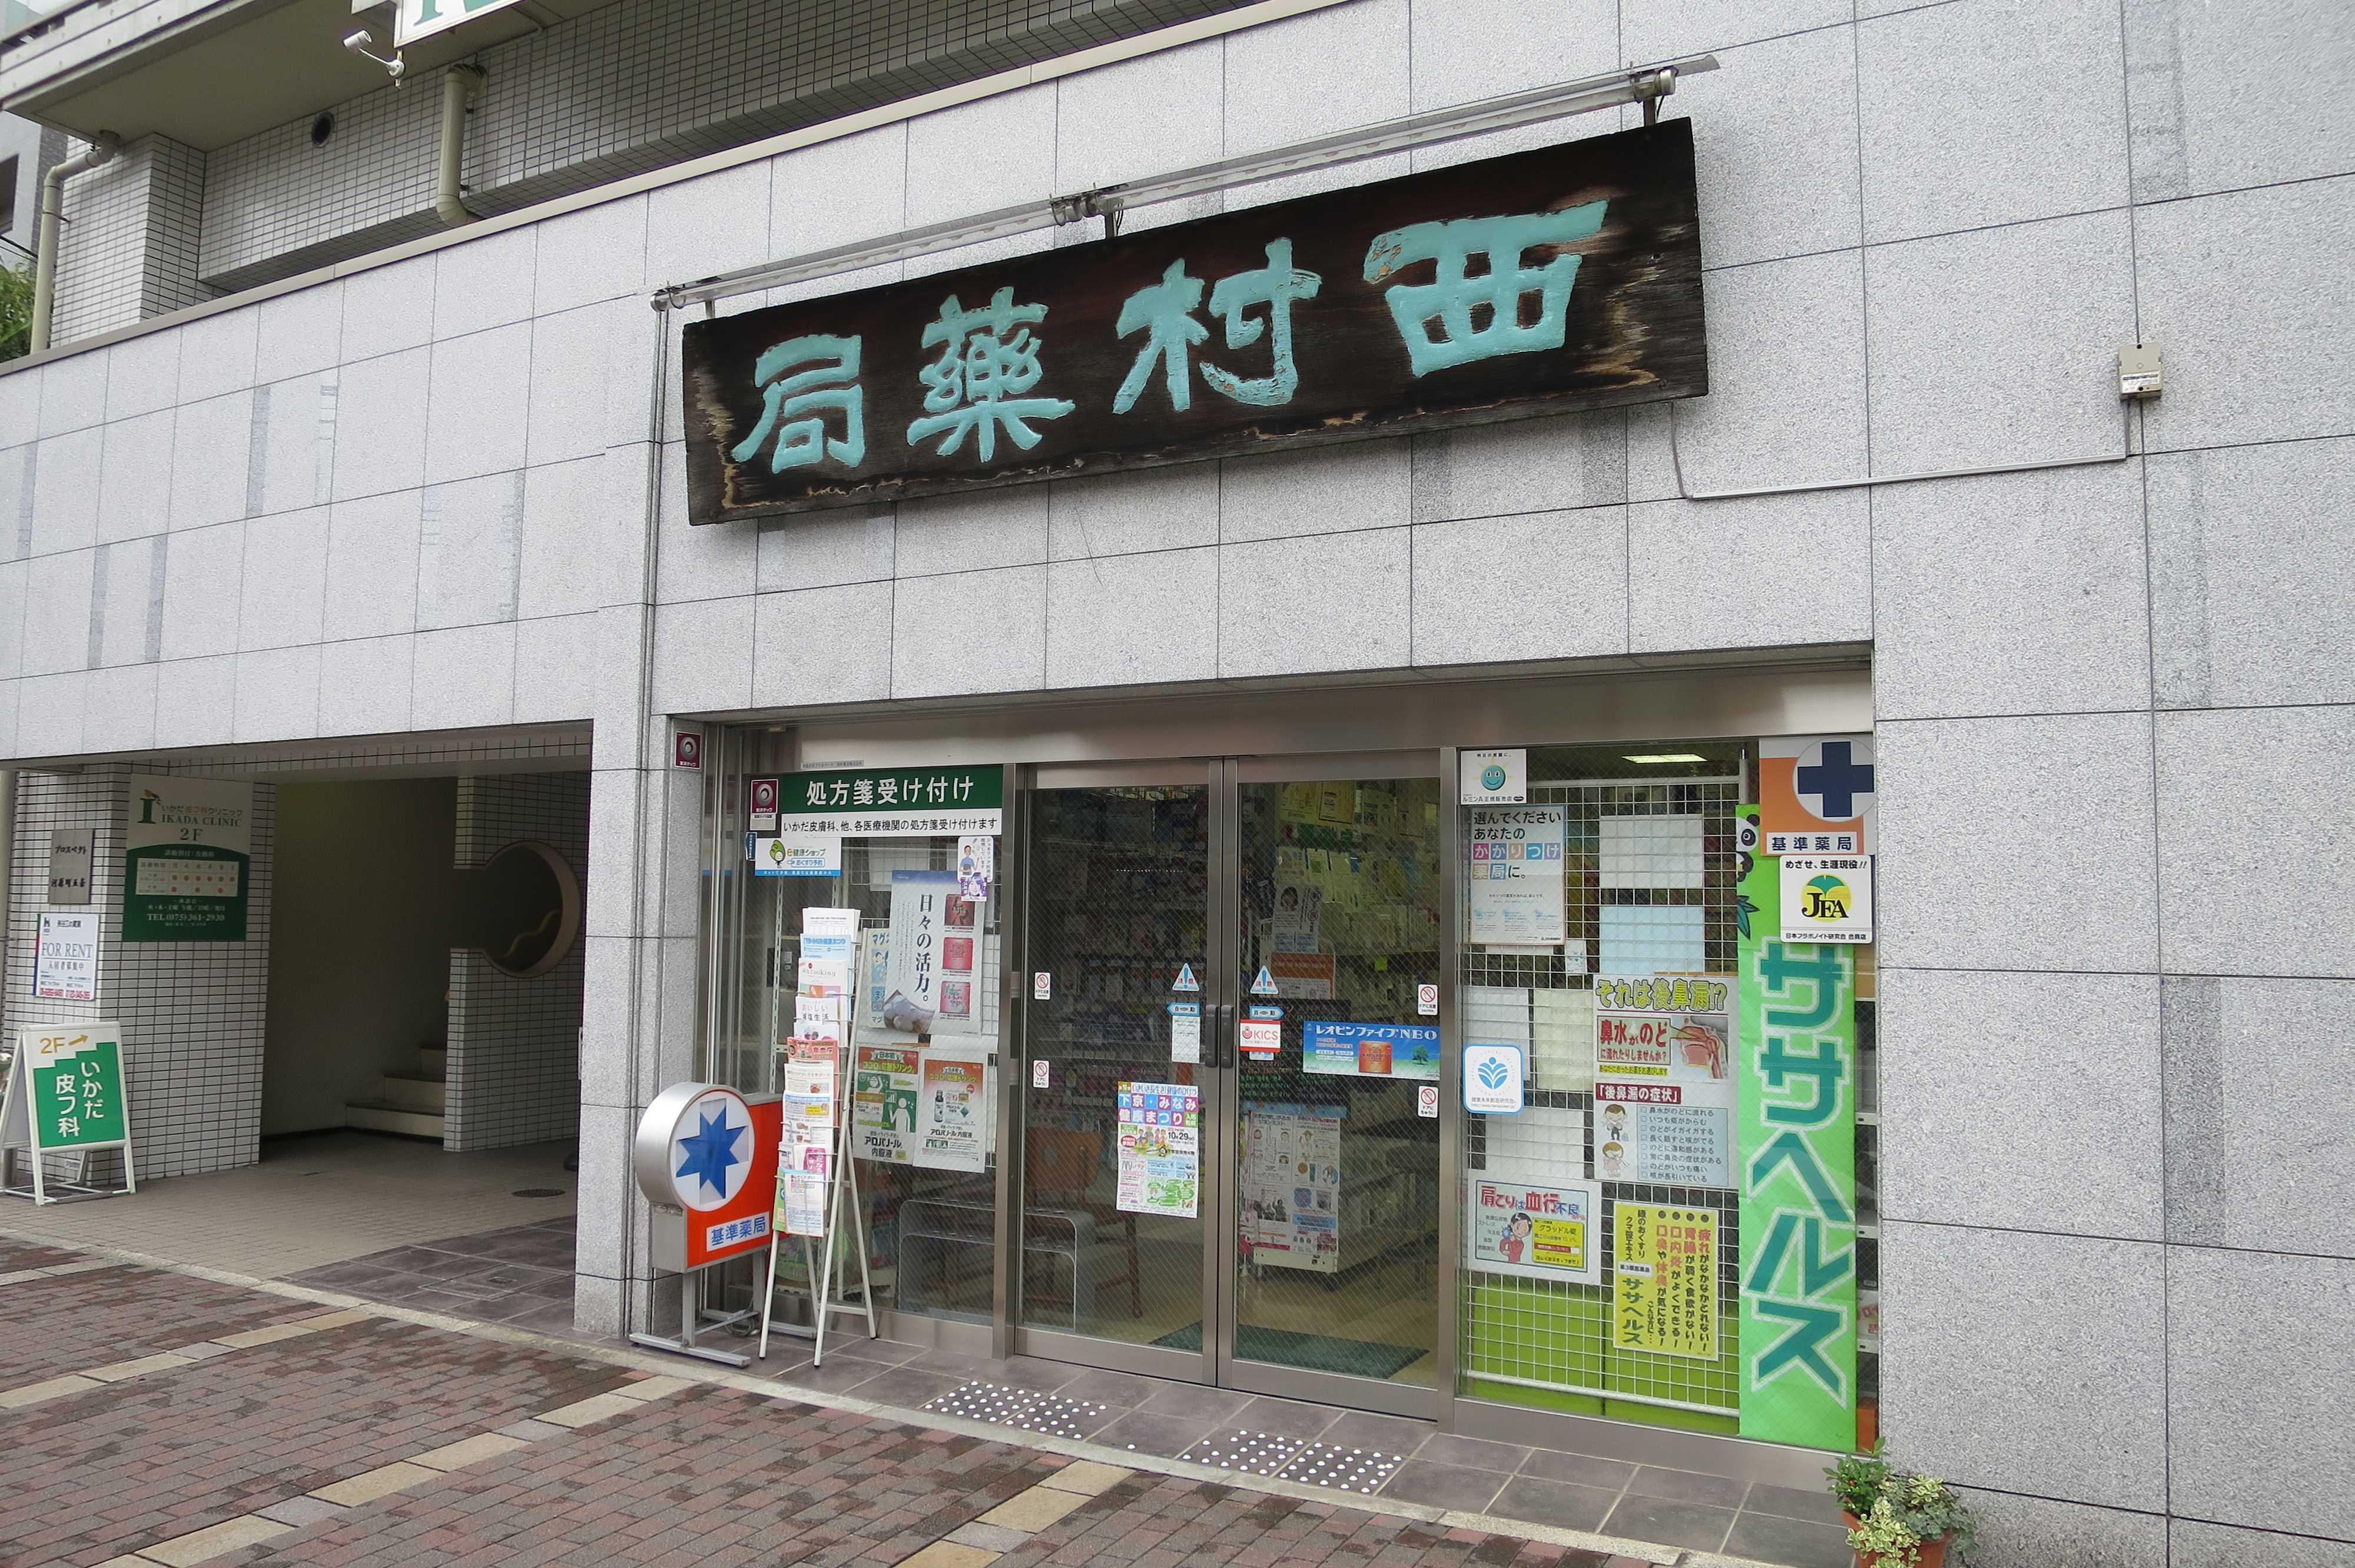 局薬村西(西村薬局)の古い看板 - 京都市下京区